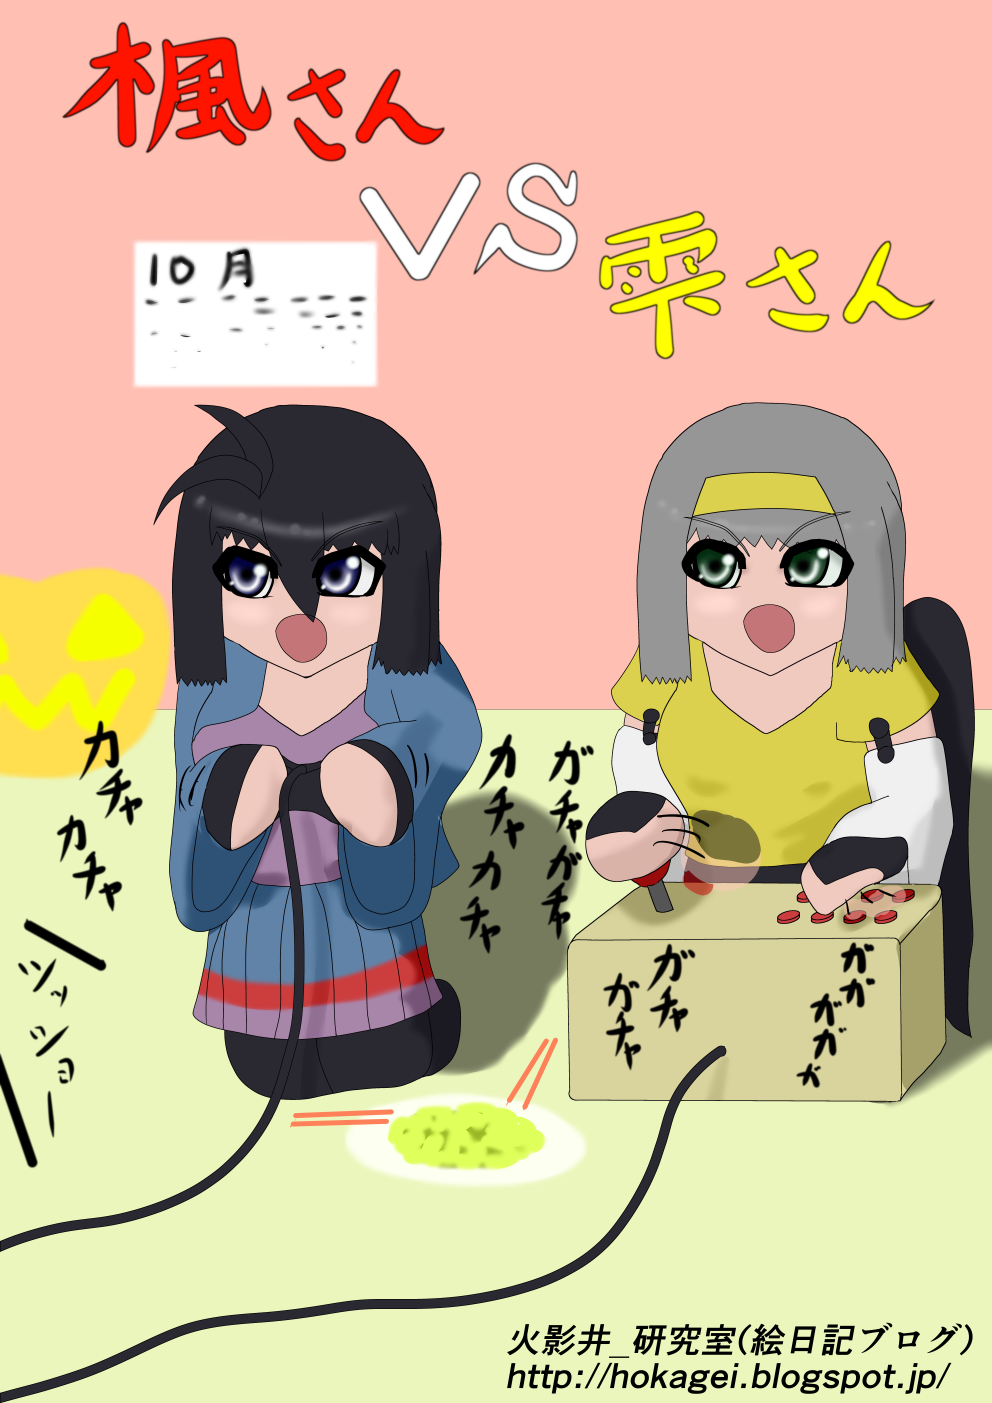 友達とゲーム対戦(八雲楓、羽園雫)